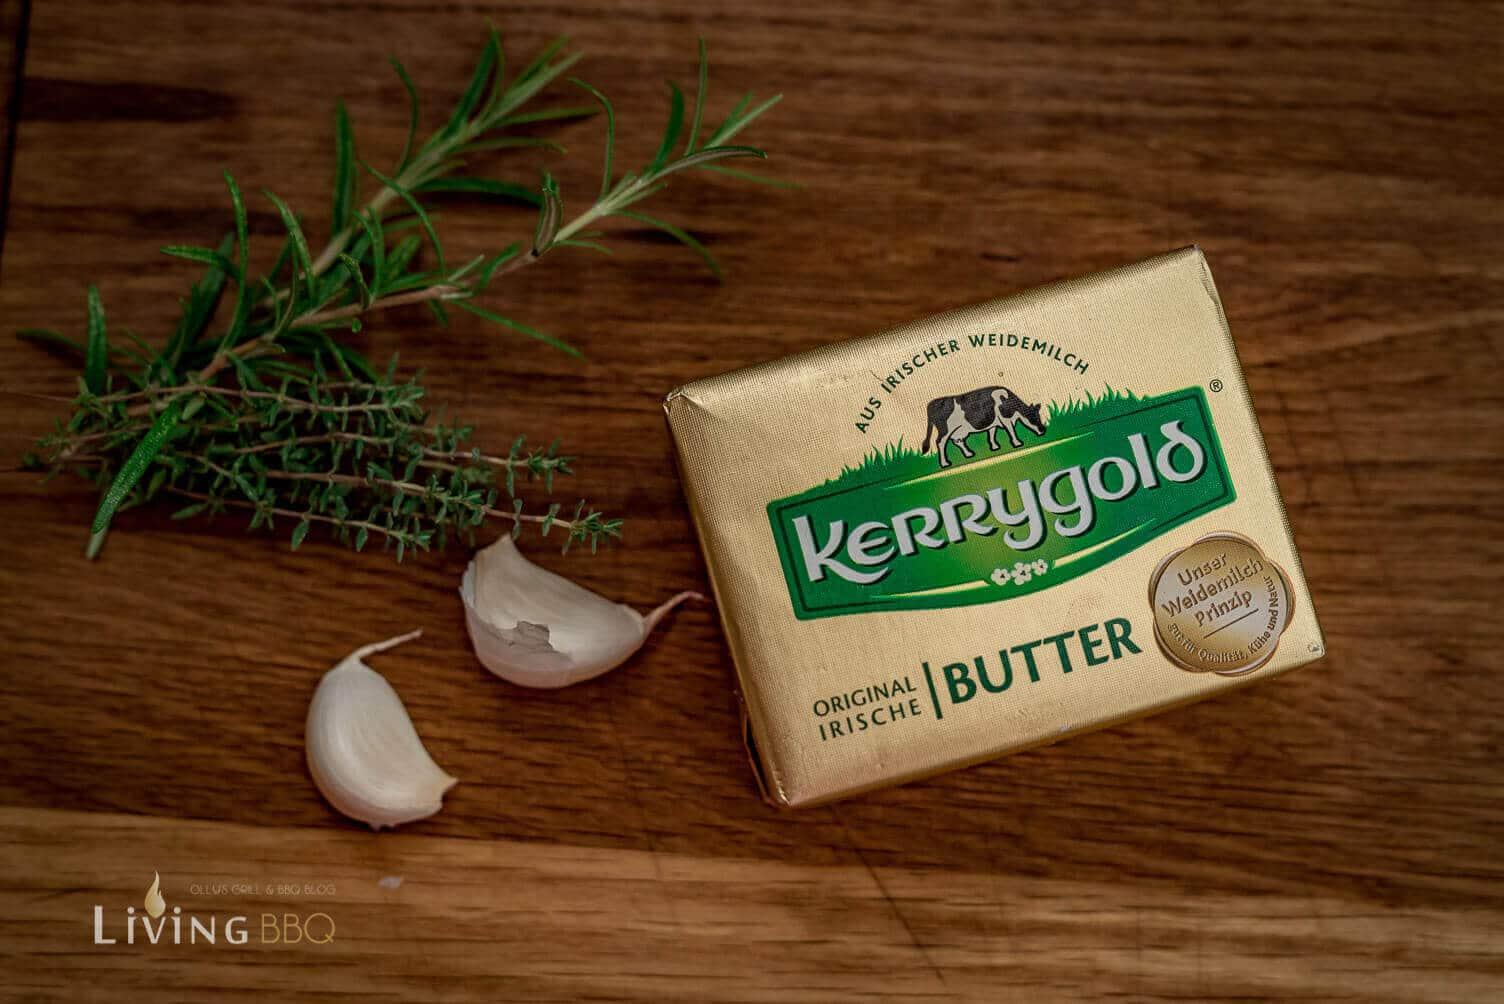 Kerrygold Butter gebräunt